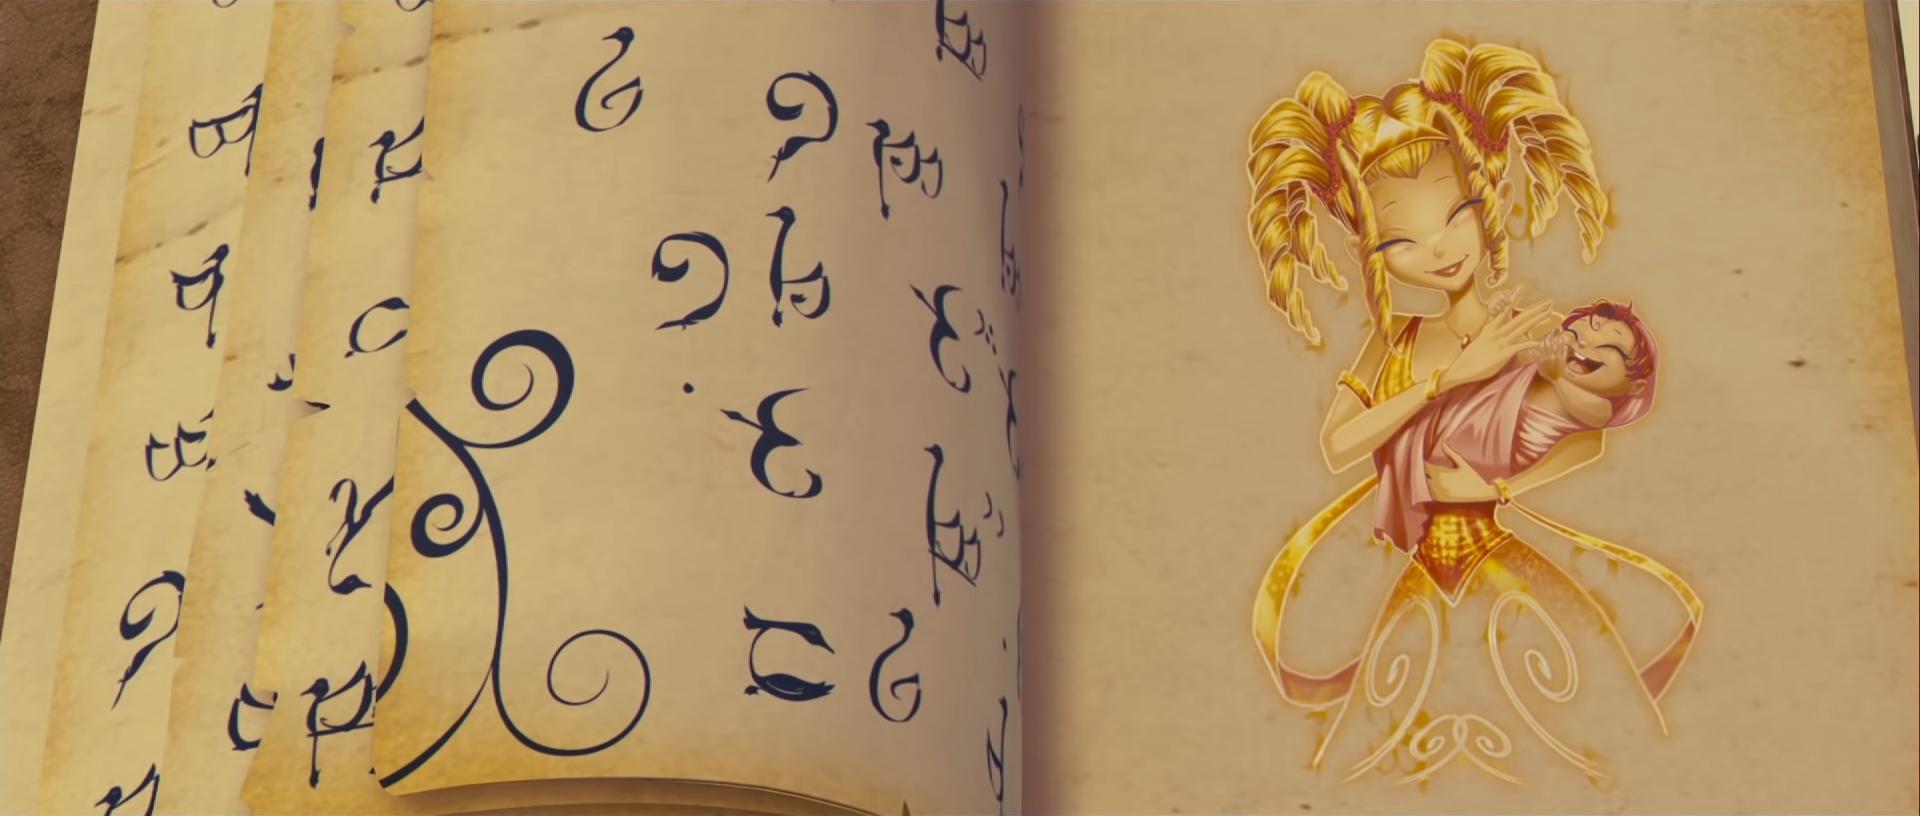 Daphne und Bloom im Buch des Schicksals.png